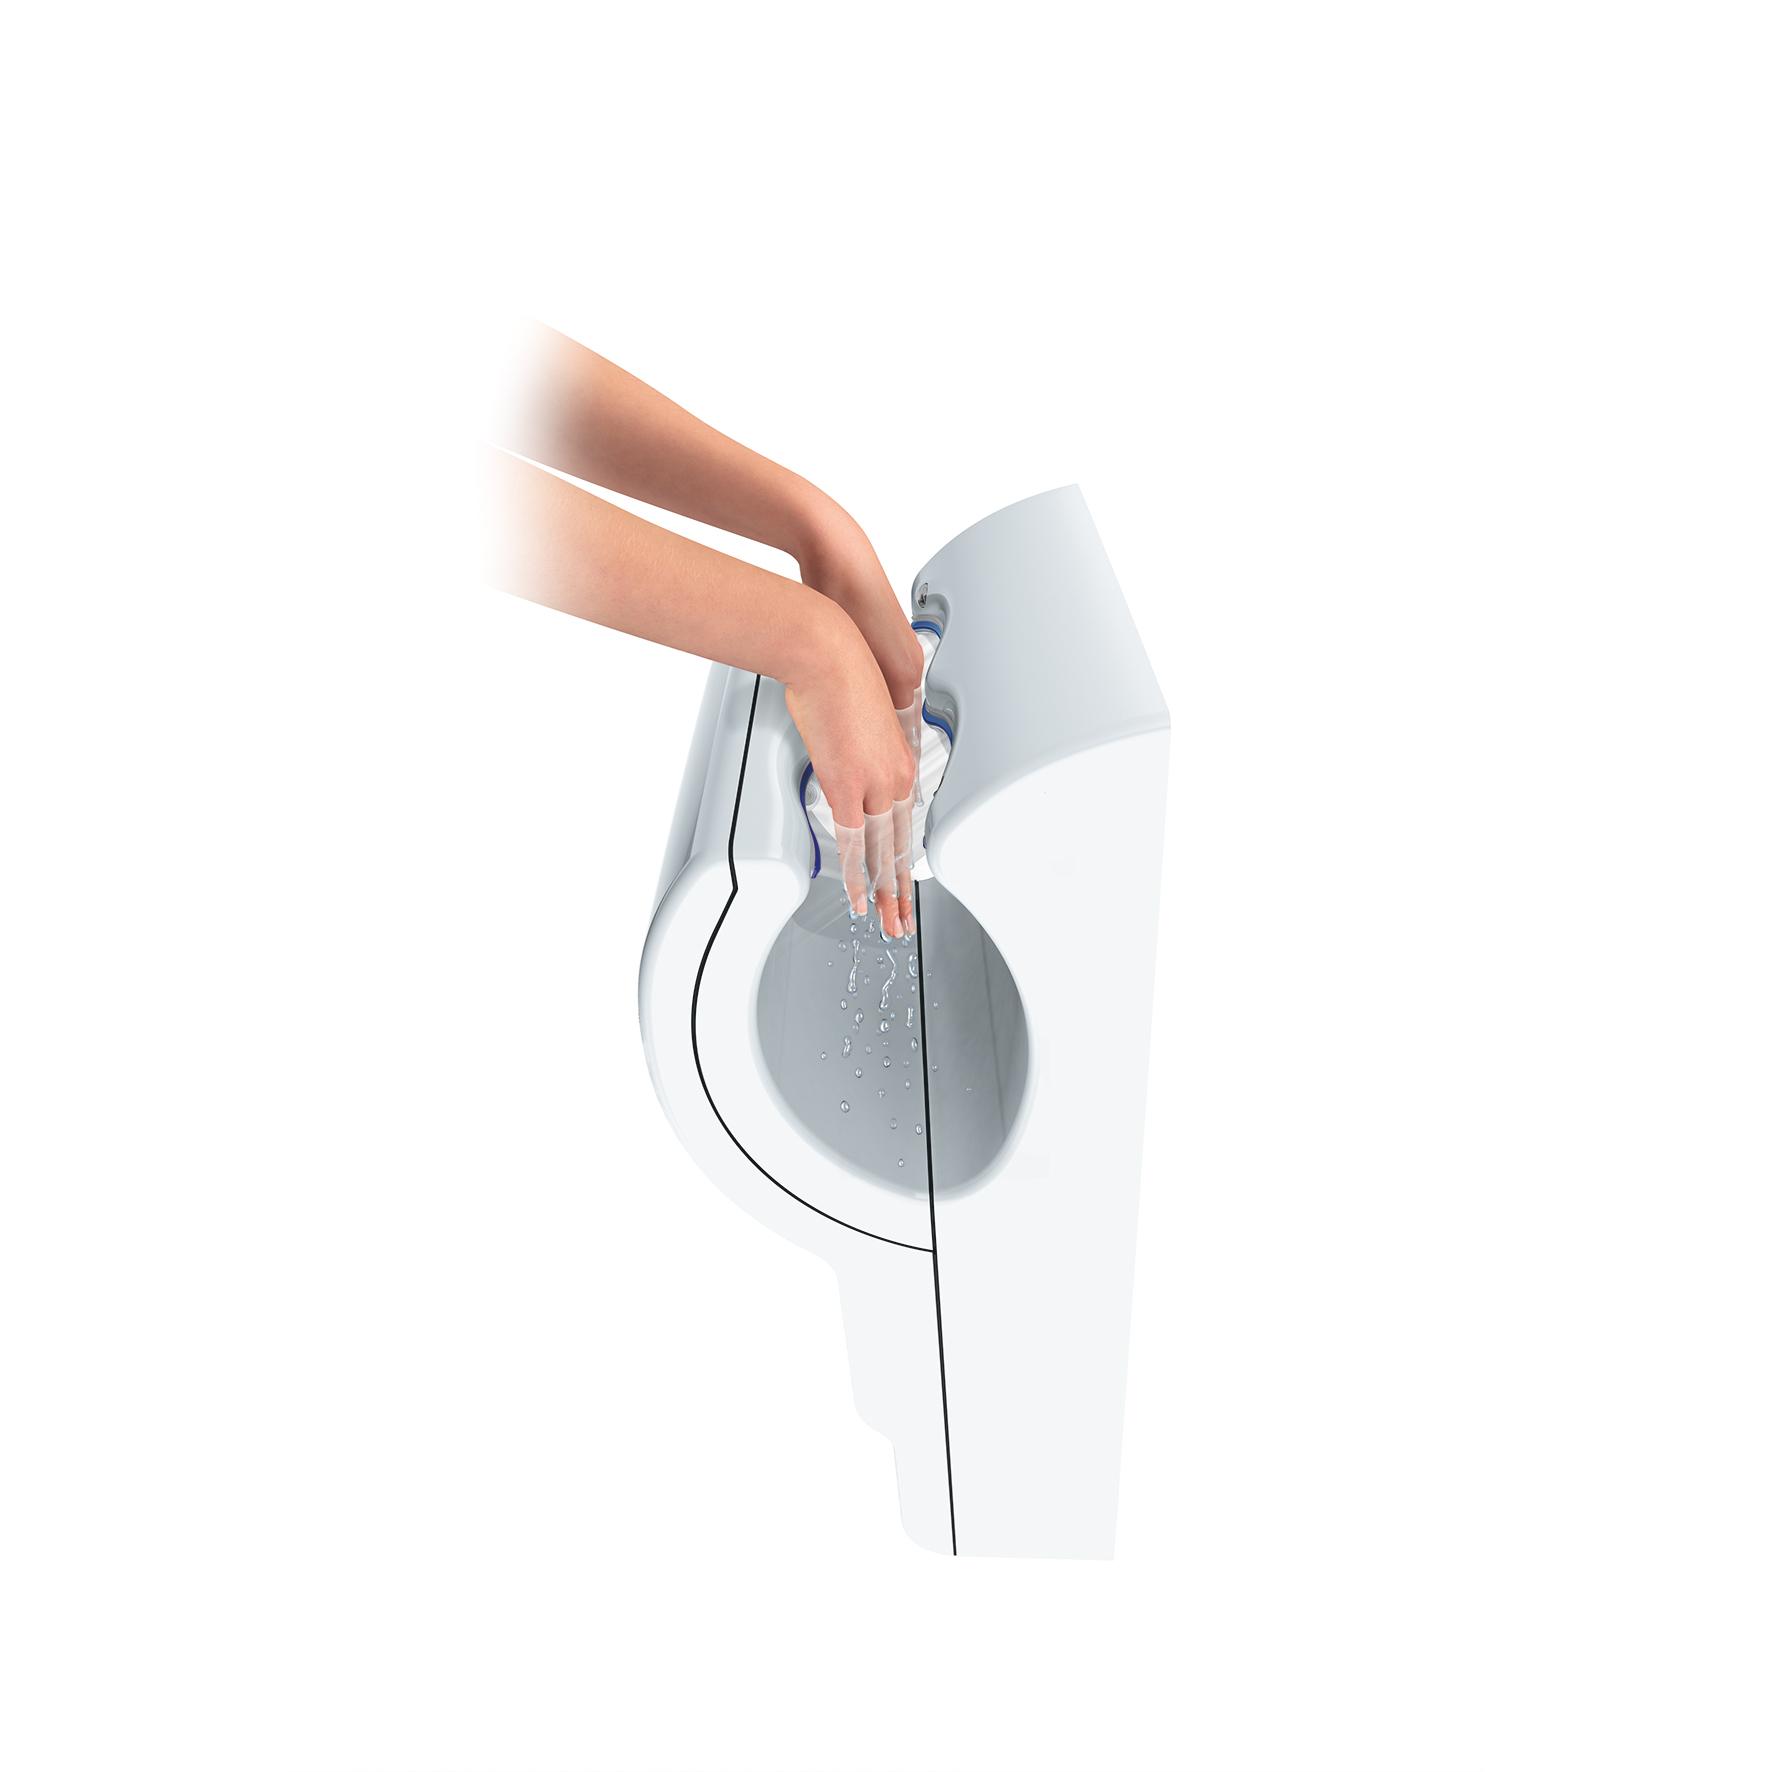 Fine Dyson Faucet Dryer Composition - Faucet Products - austinmartin.us